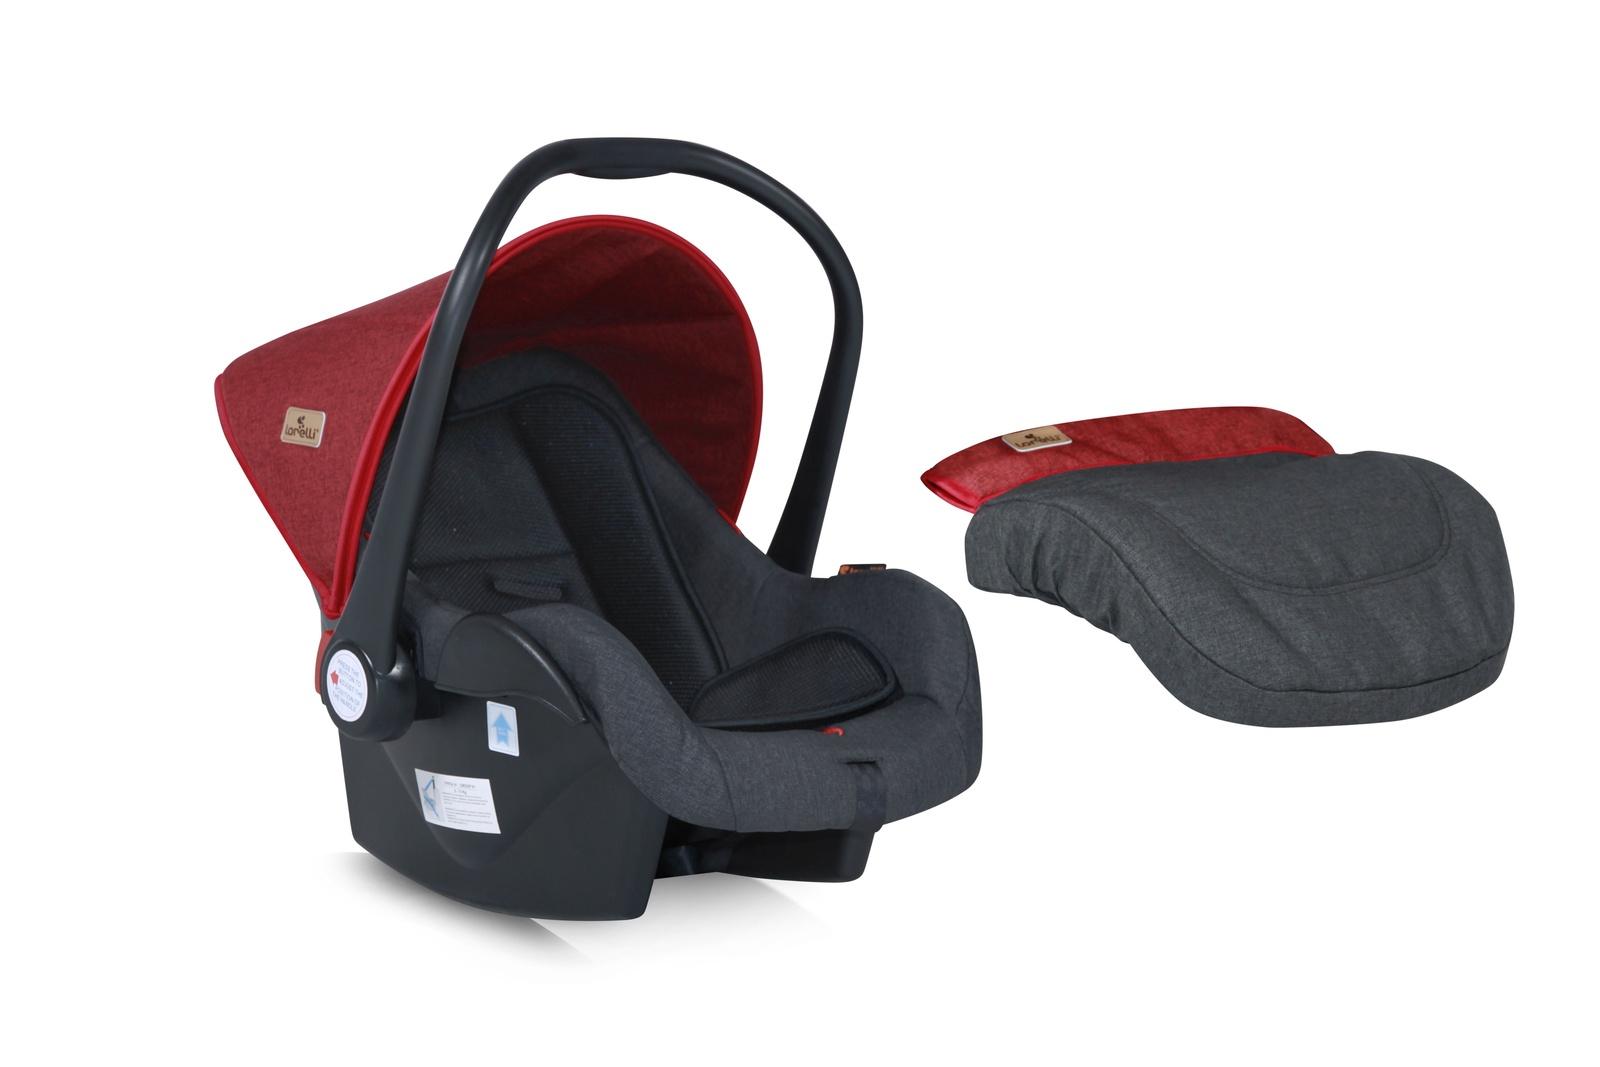 Автокресло Lorelli LB321 Lifesaver 0-13 кг цвет Красно-черный, Red-Black автокресло lorelli lifesaver 0 13 кг бежевый beige 1750